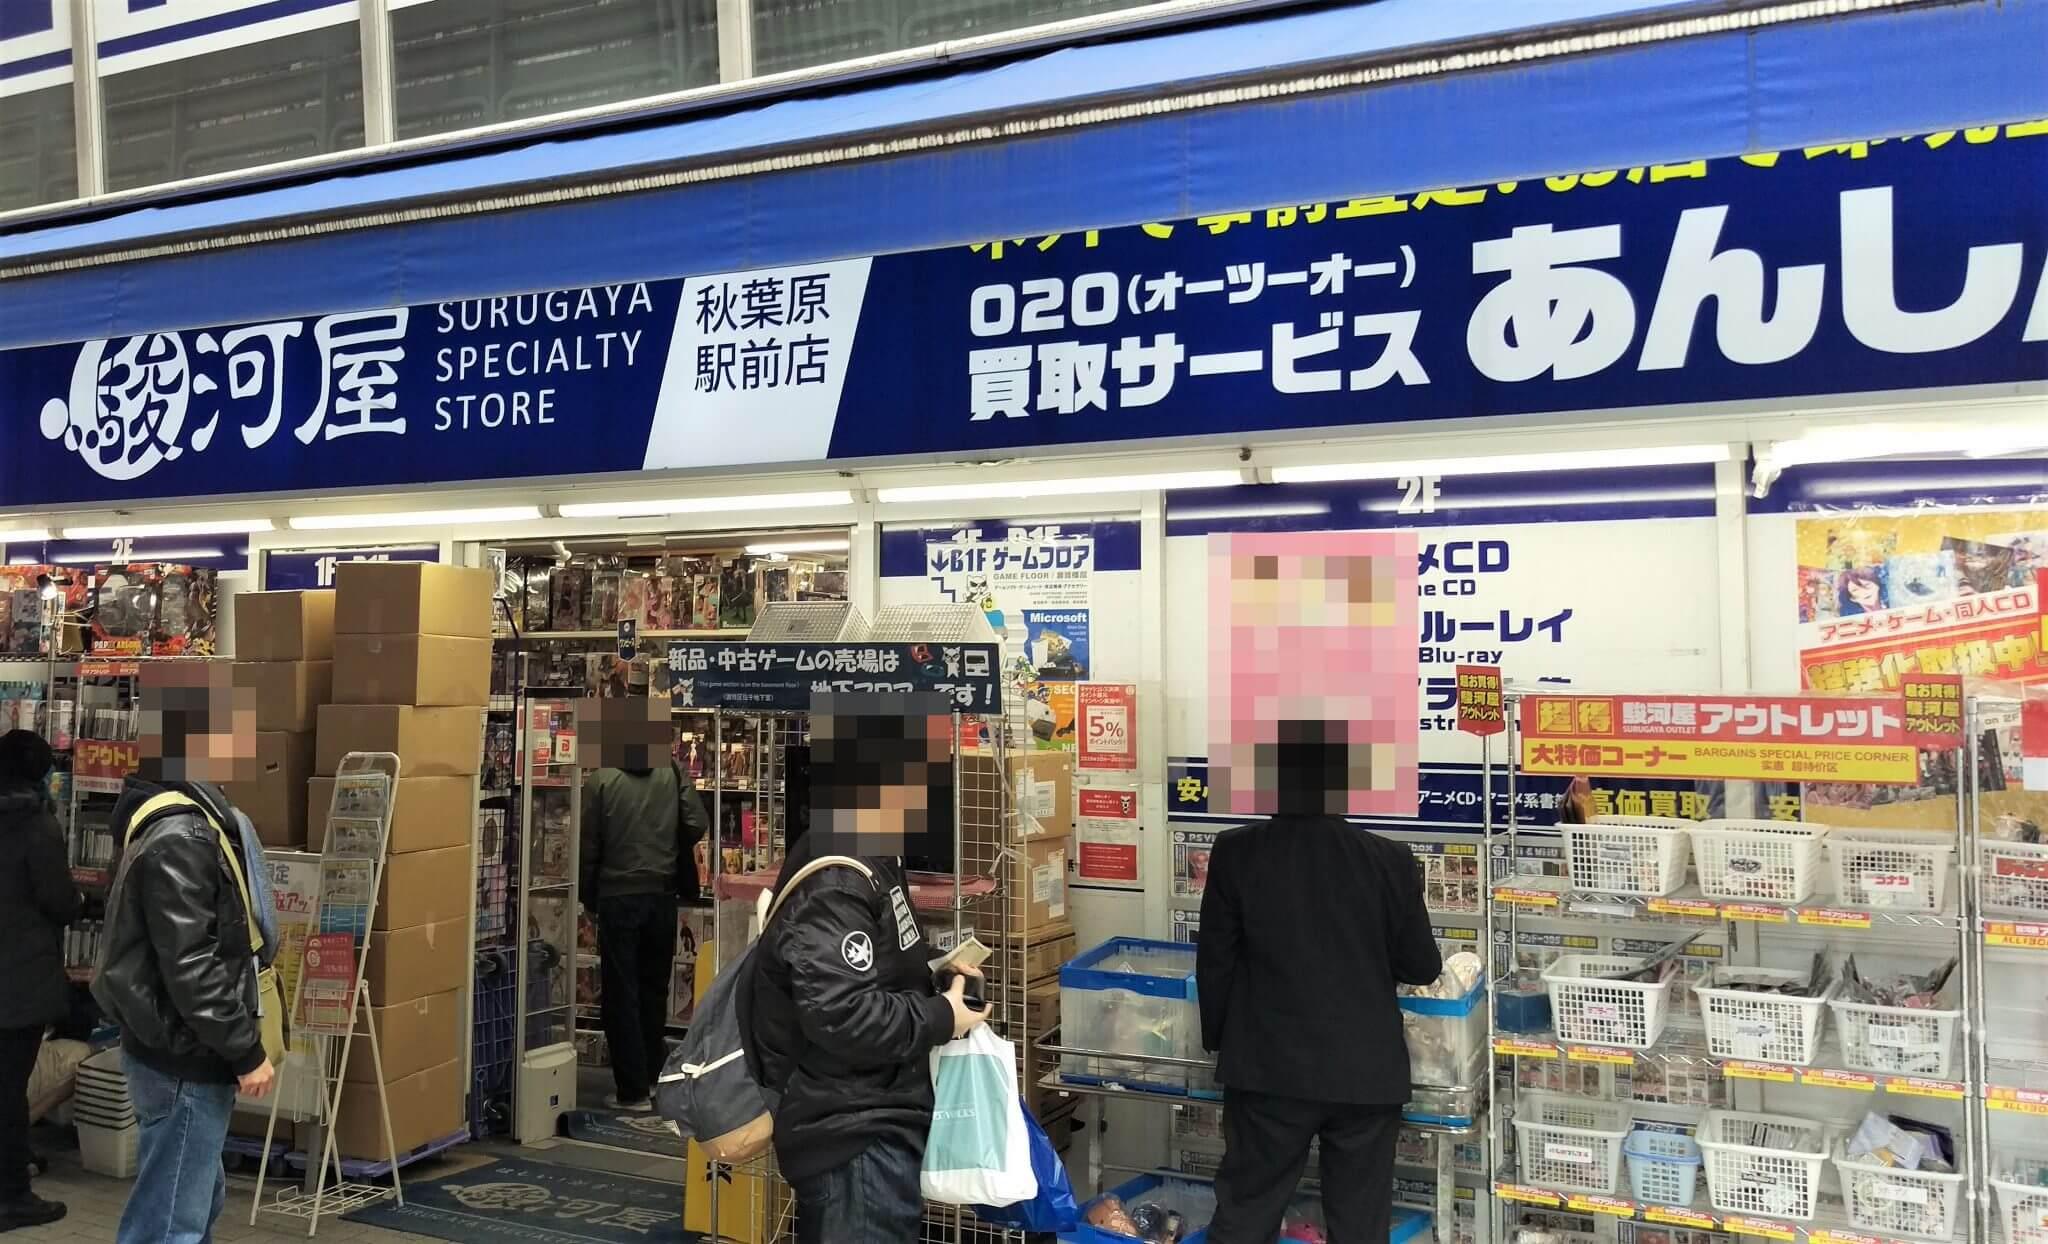 駿河屋 秋葉原駅前店1